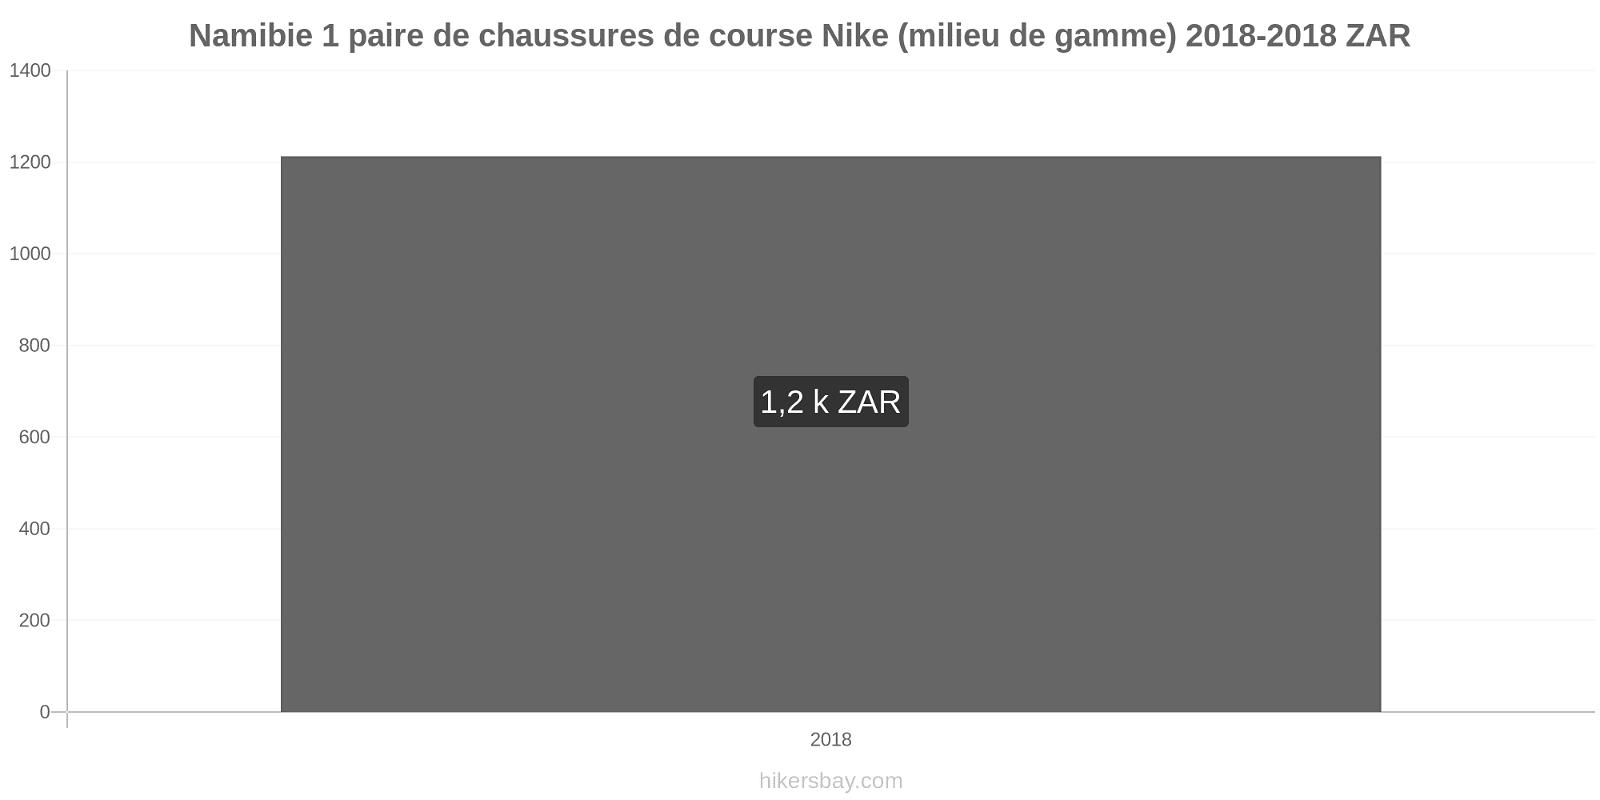 Namibie changements de prix 1 paire de chaussures de course Nike (milieu de gamme) hikersbay.com